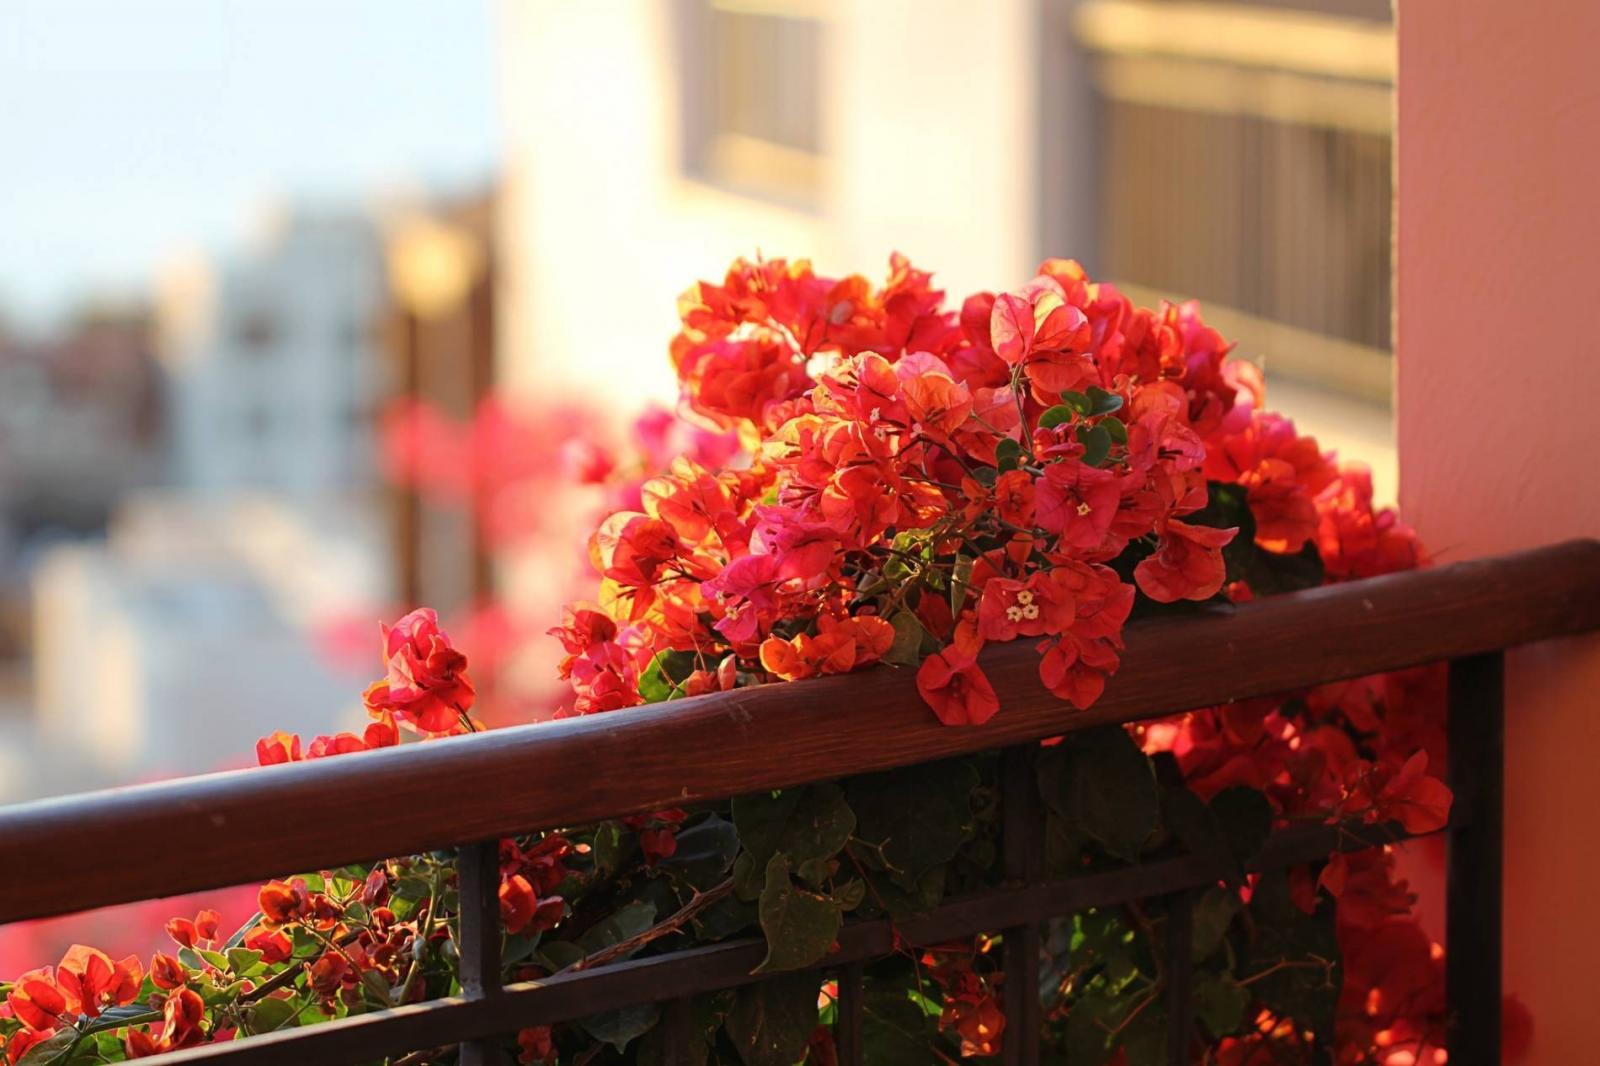 Một khóm hoa giấy lai màu hồng cam leo ngoài ban công